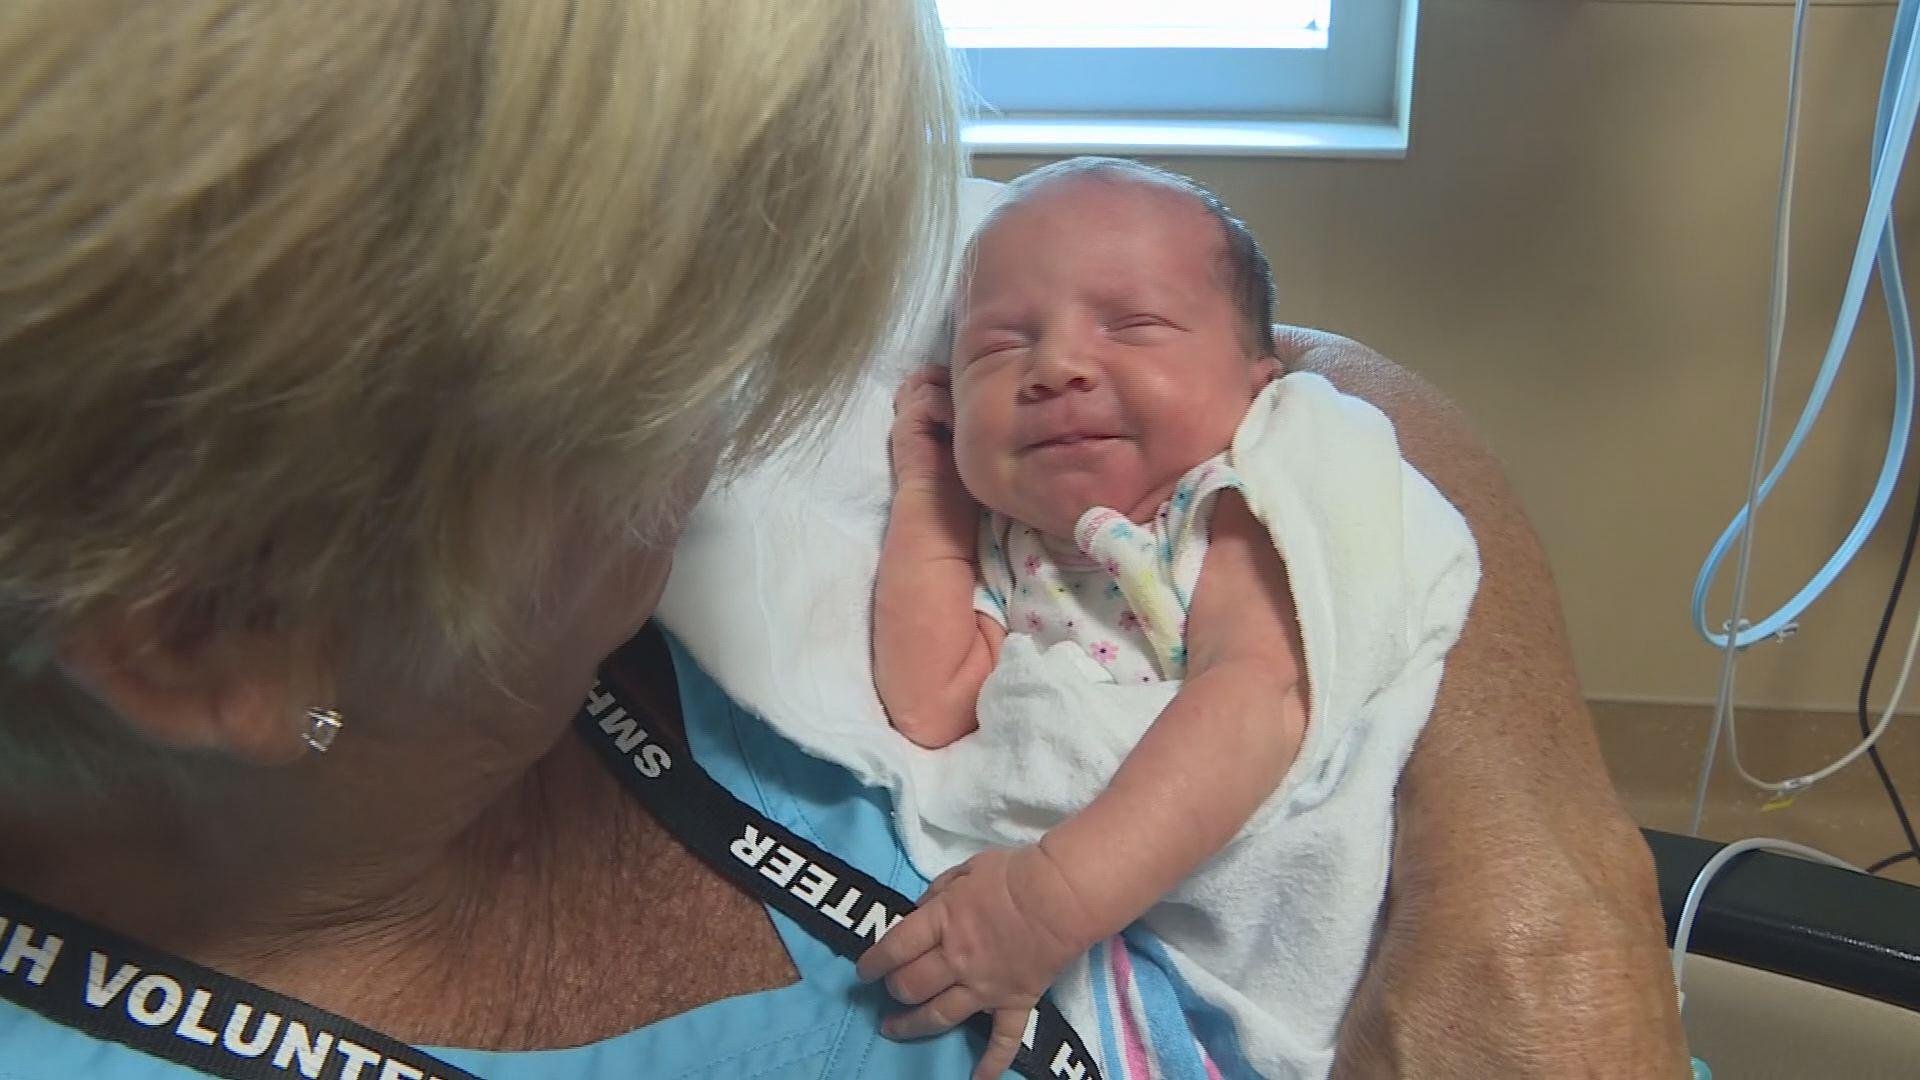 Sarasota Memorial Hospital S Volunteer Cuddlers Help